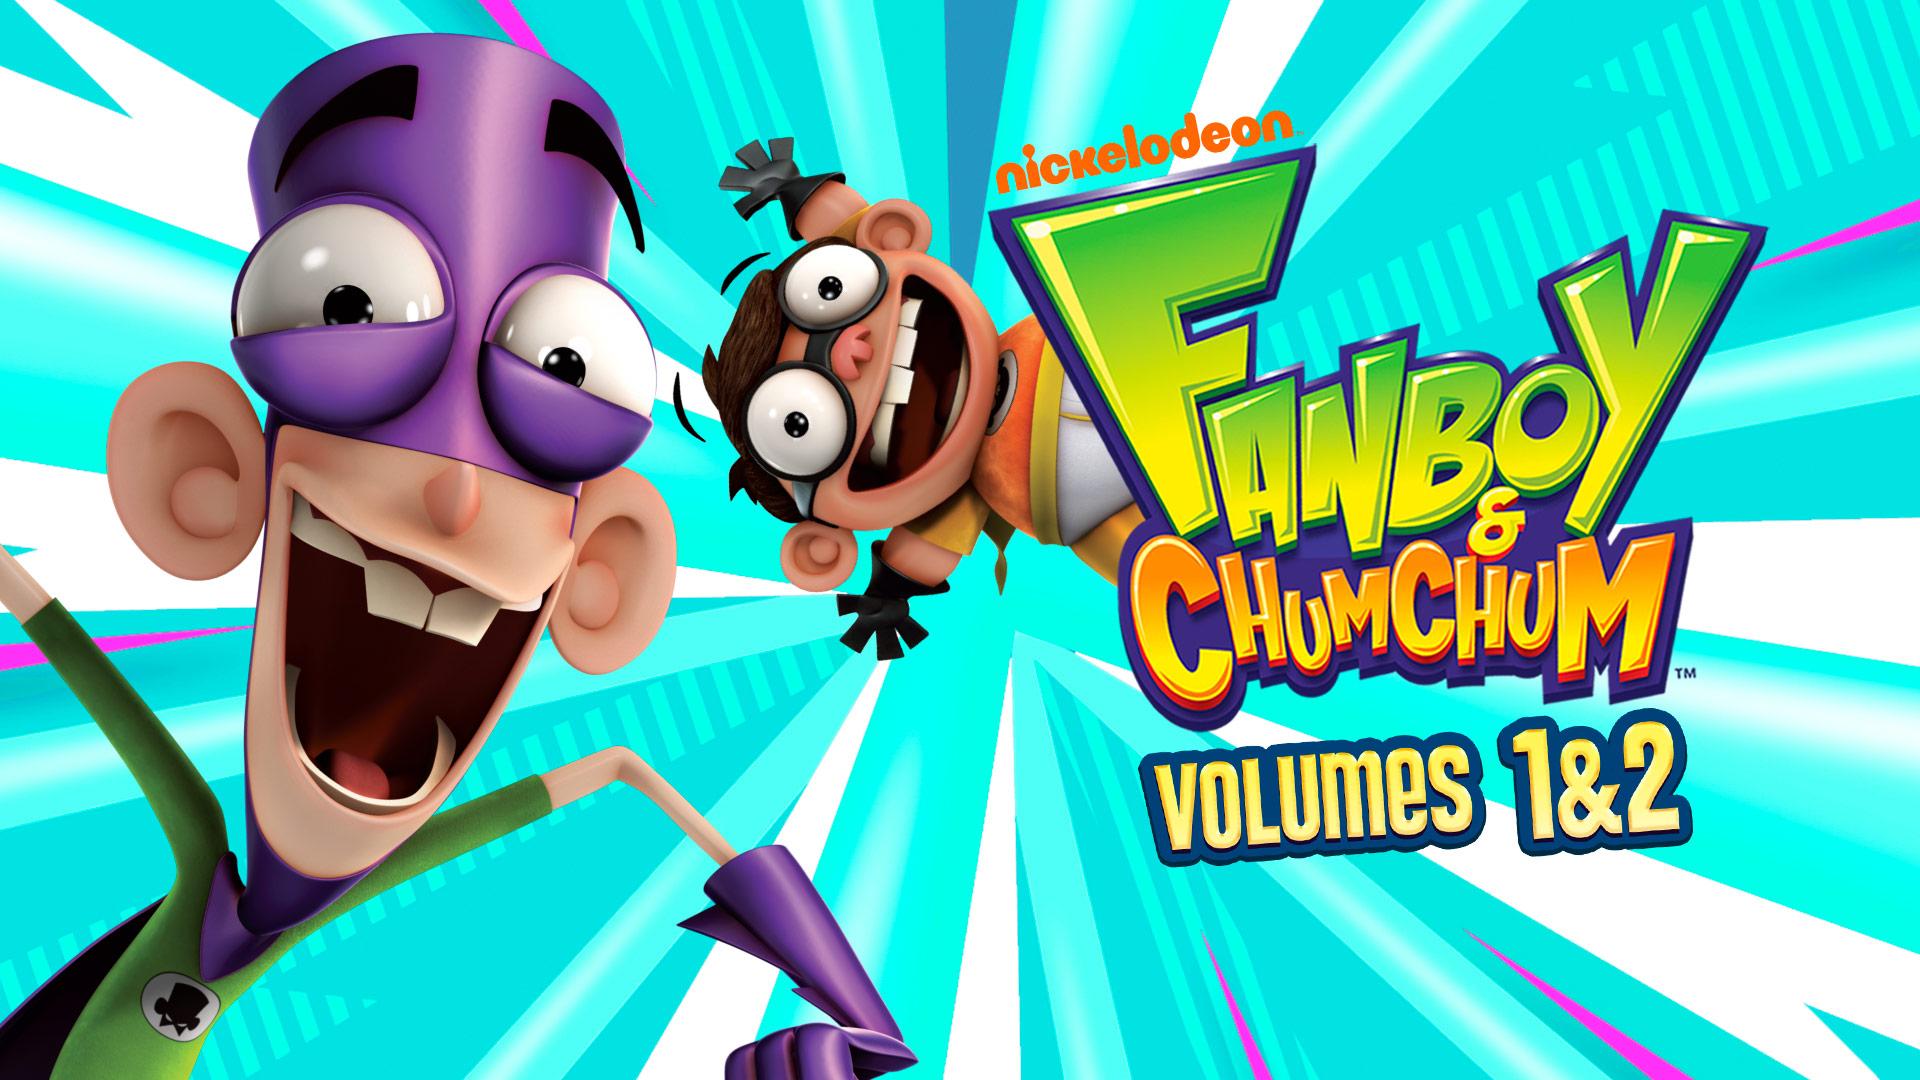 Fanboy & Chum Chum Season 1